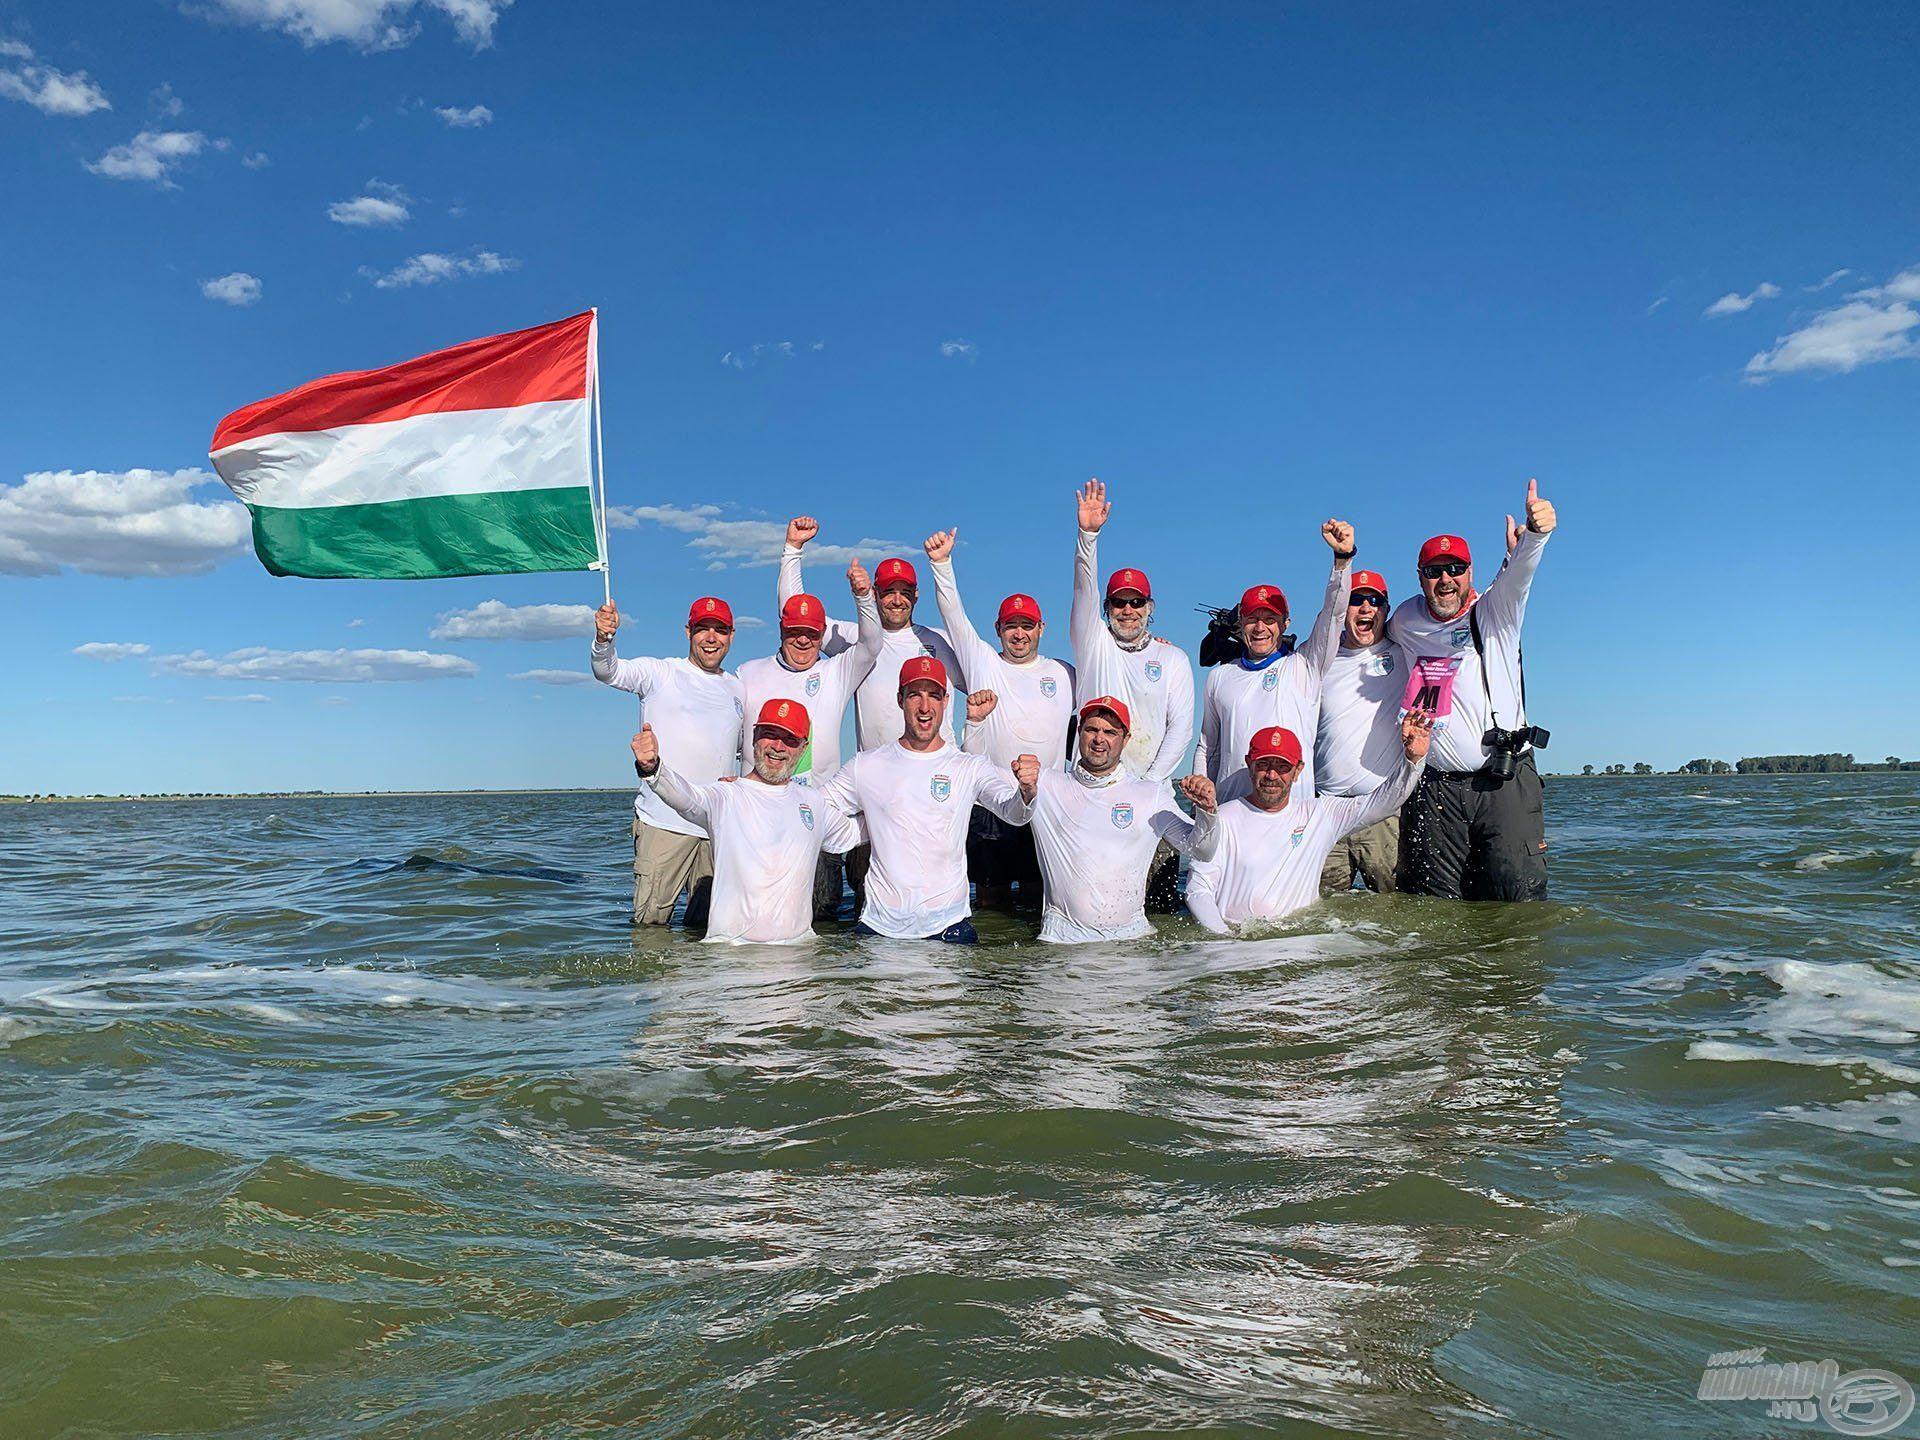 Horgászpályafutásom csúcsa, hogy csapat-világbajnoki címet szereztünk a magyar csapattal Dél-Afrikában